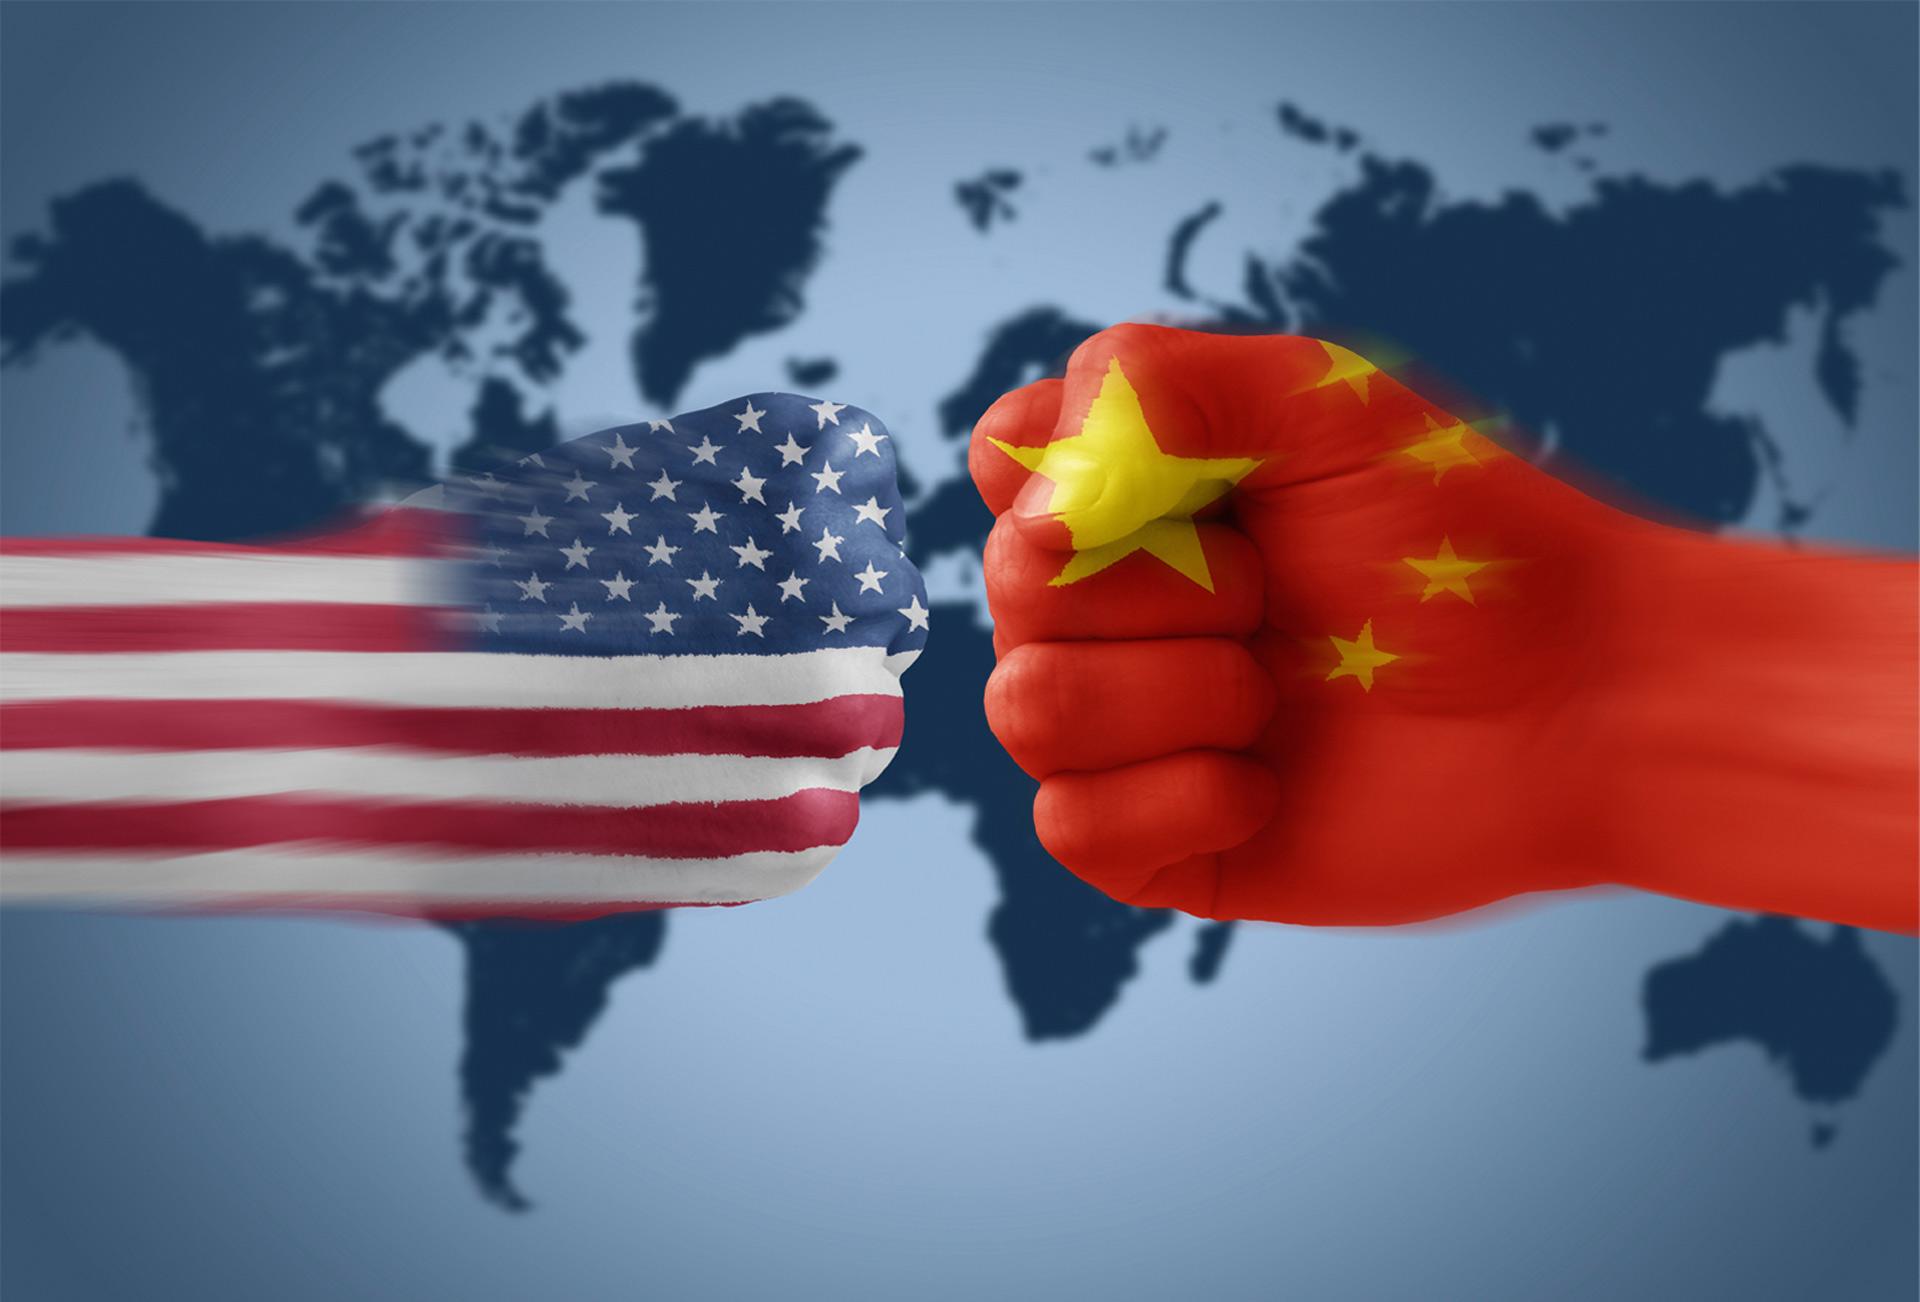 La nación norteamericana acusa a su par asiático de ocultar impuestos de aviones